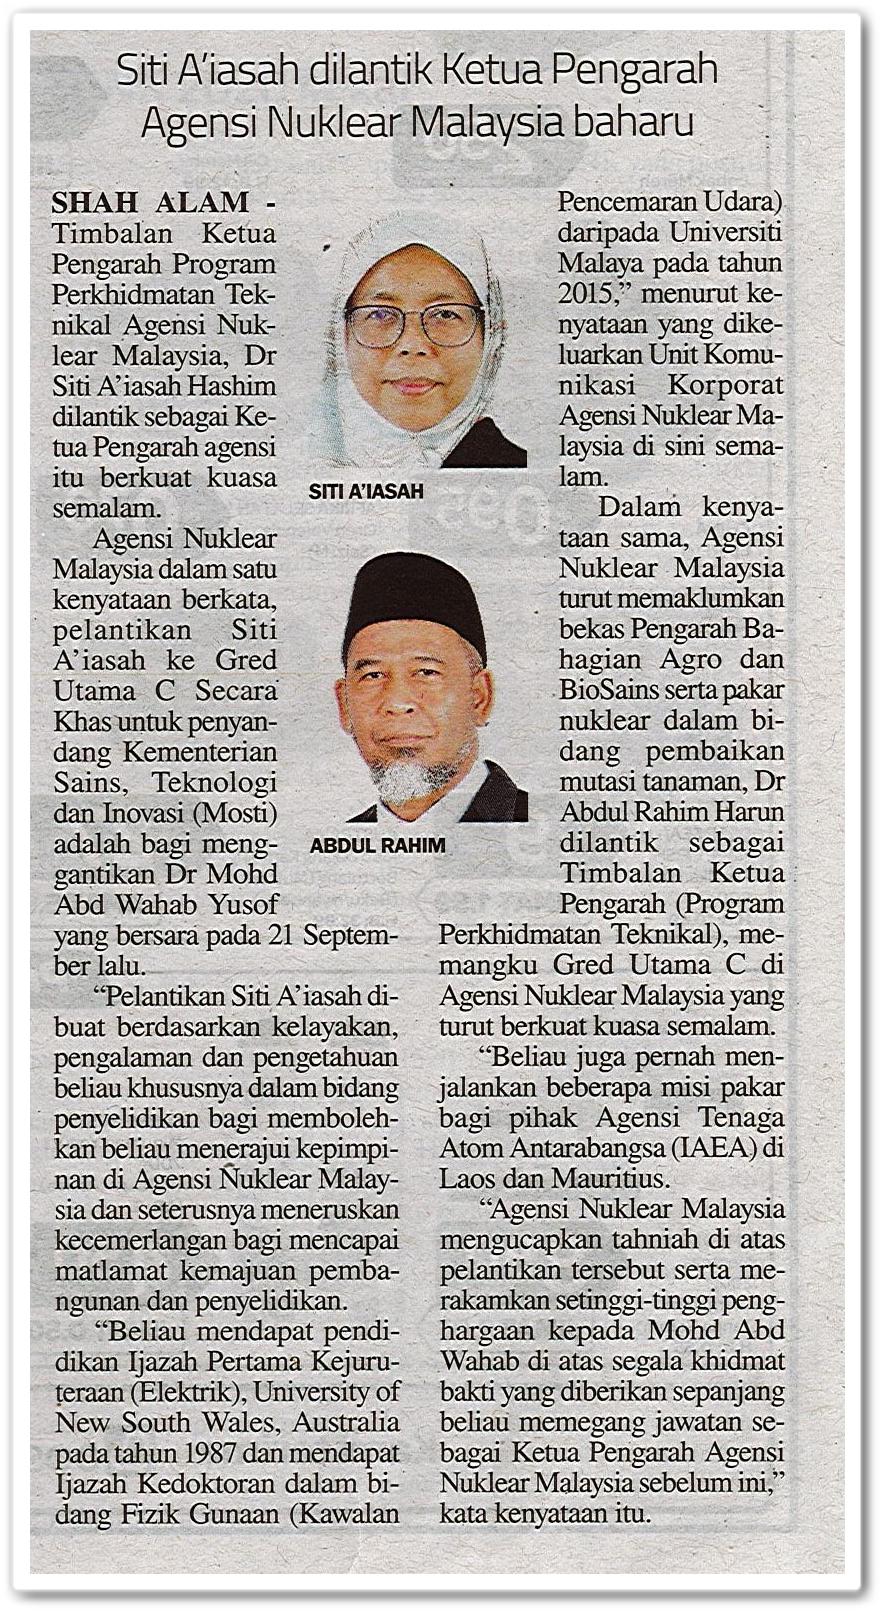 Siti A'iasah dilantik Ketua Pengarah Agensi Nuklear Malaysia baharu - Keratan akhbar Sinar Harian 9 Oktober 2020